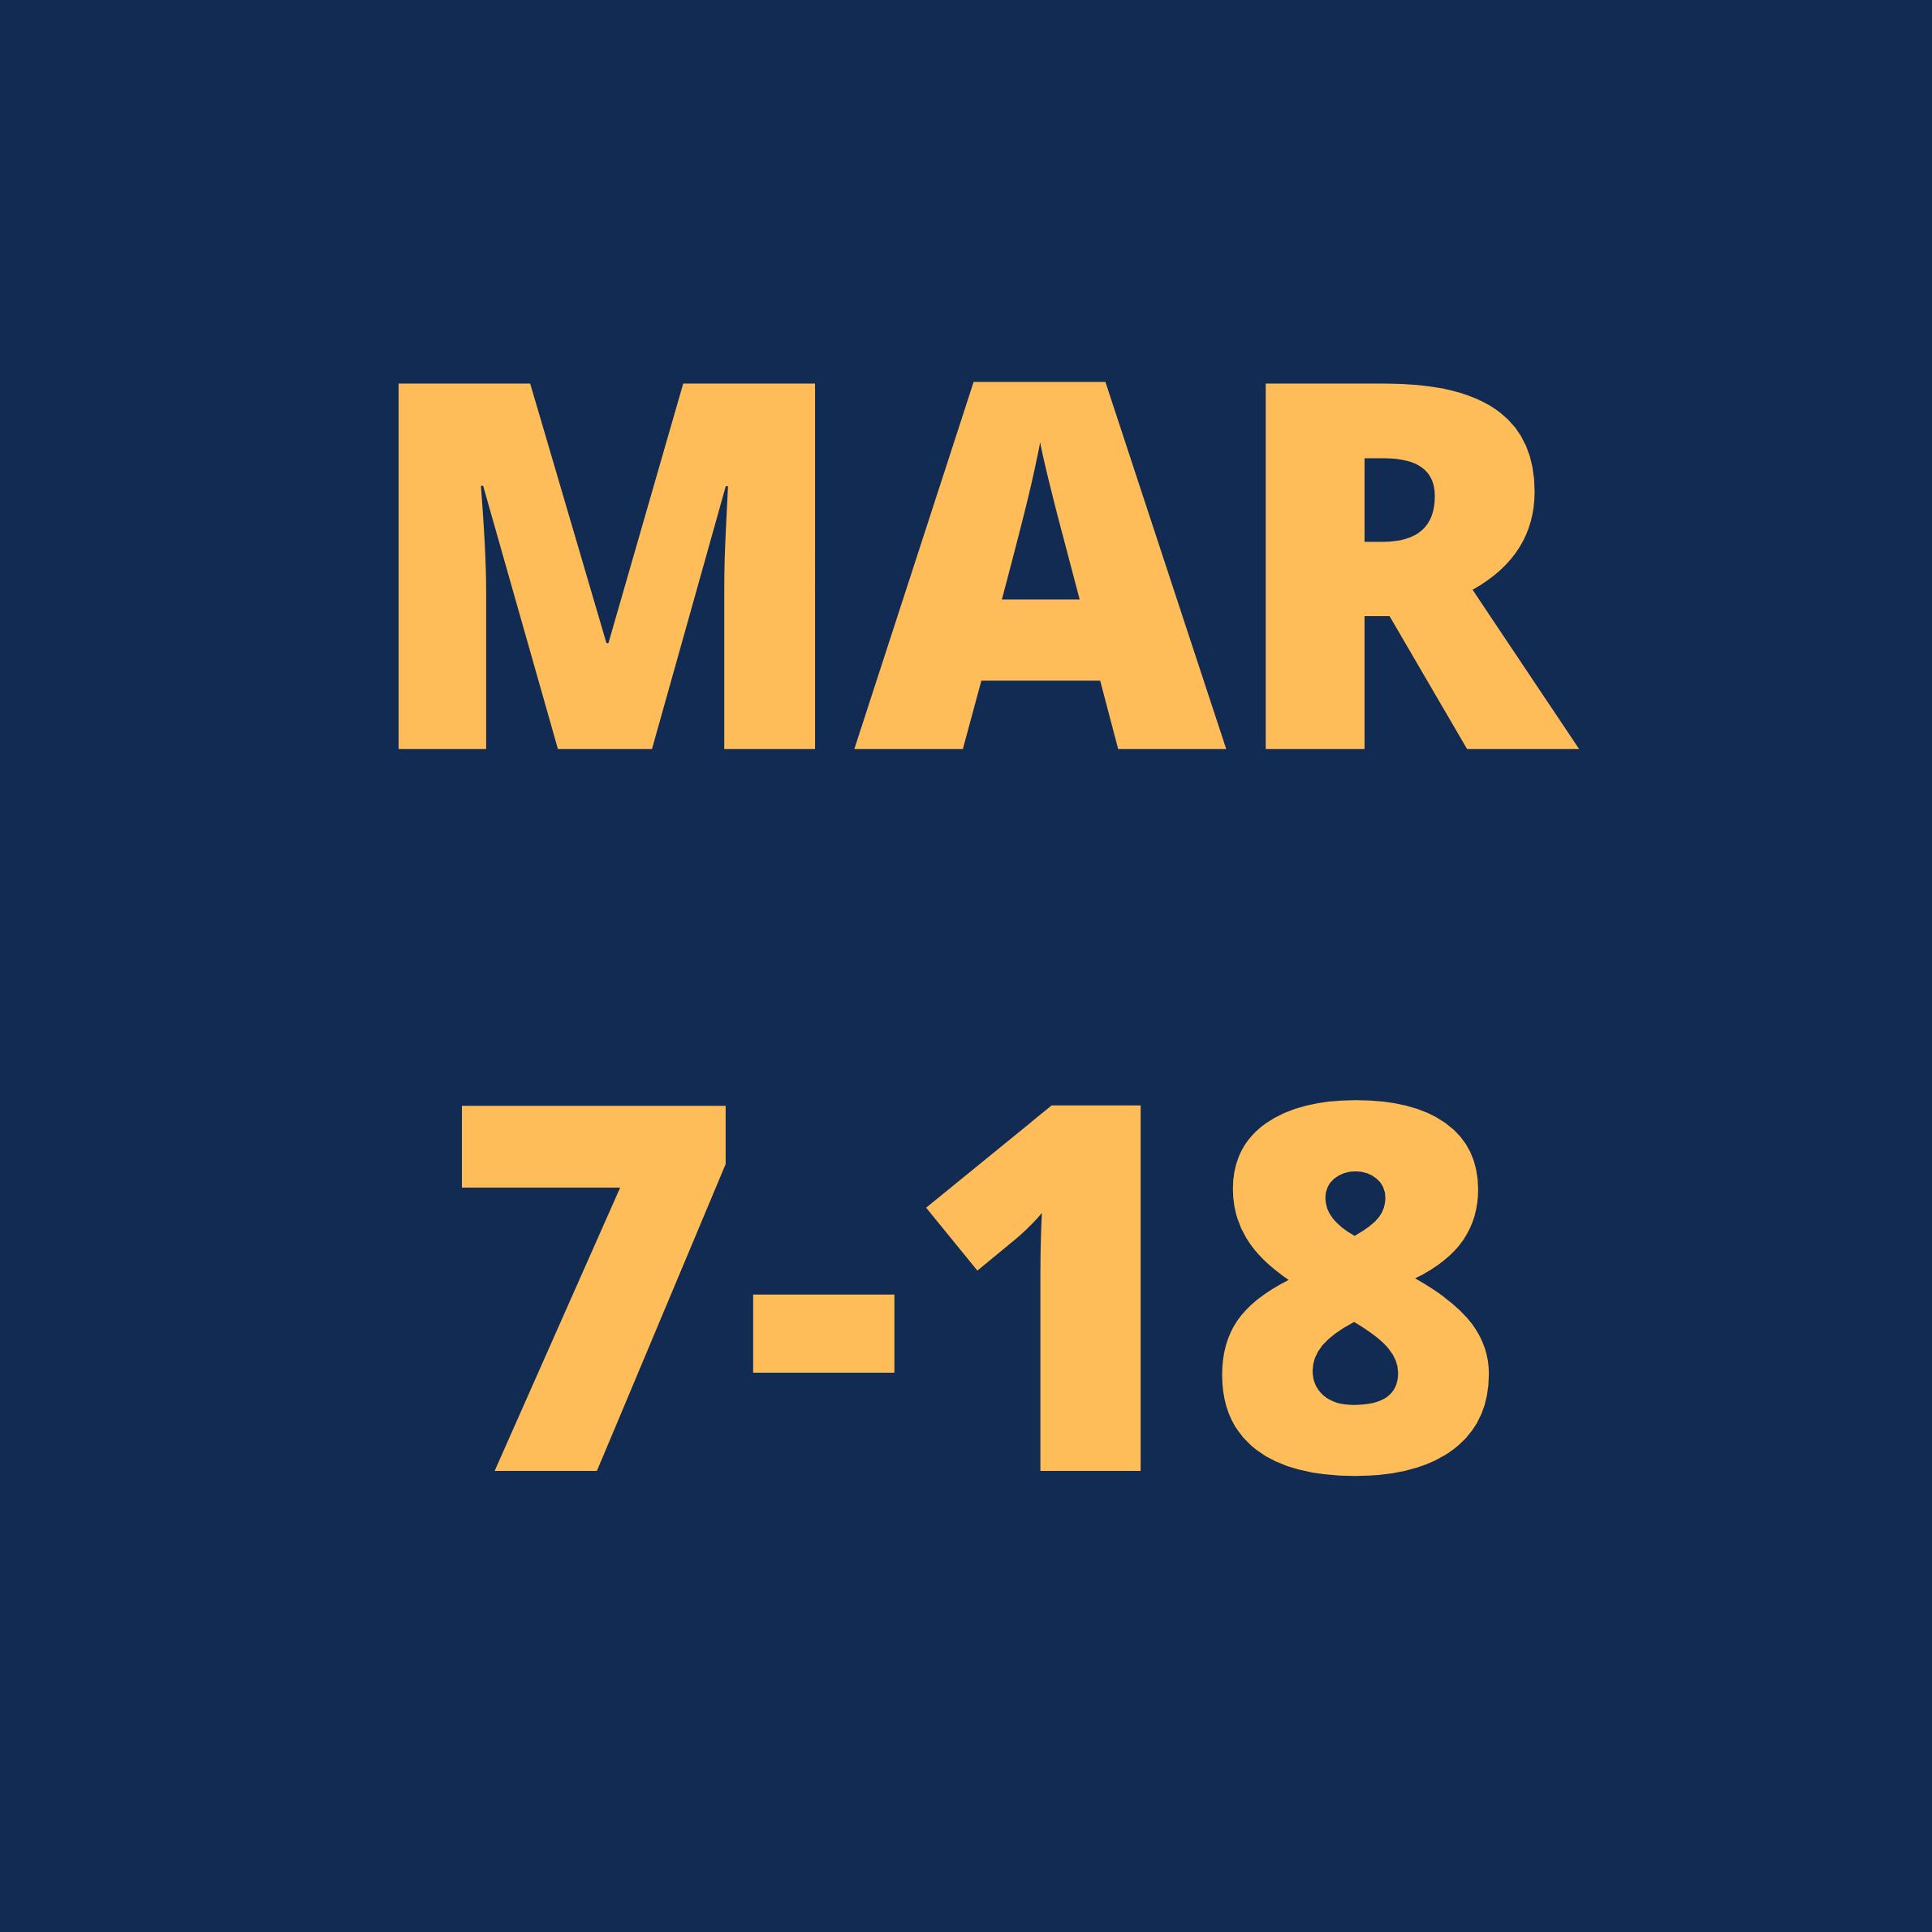 Mar 7-18 Icon